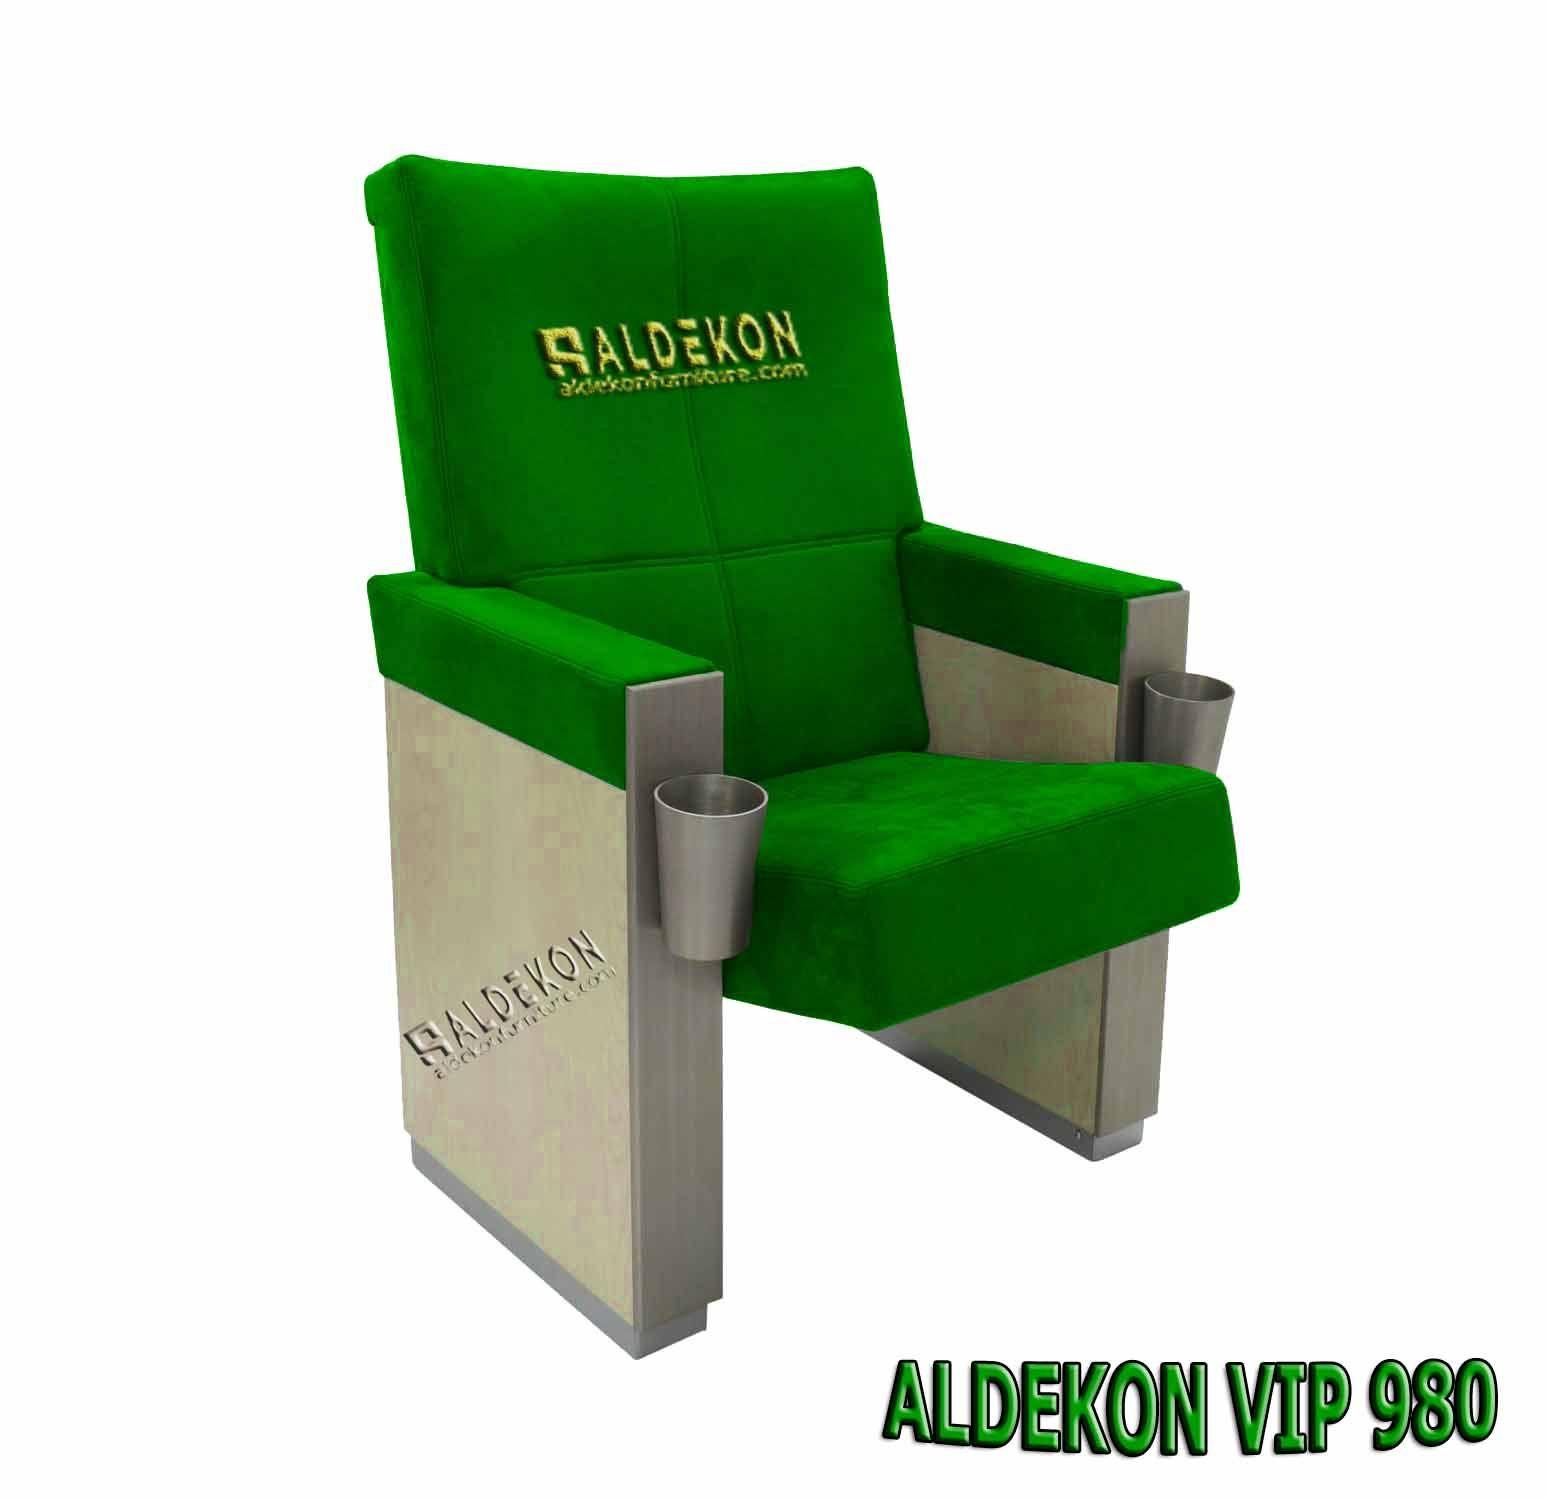 Aldekon Chairs Theatre Chairs Cheap Movie Theater Chair